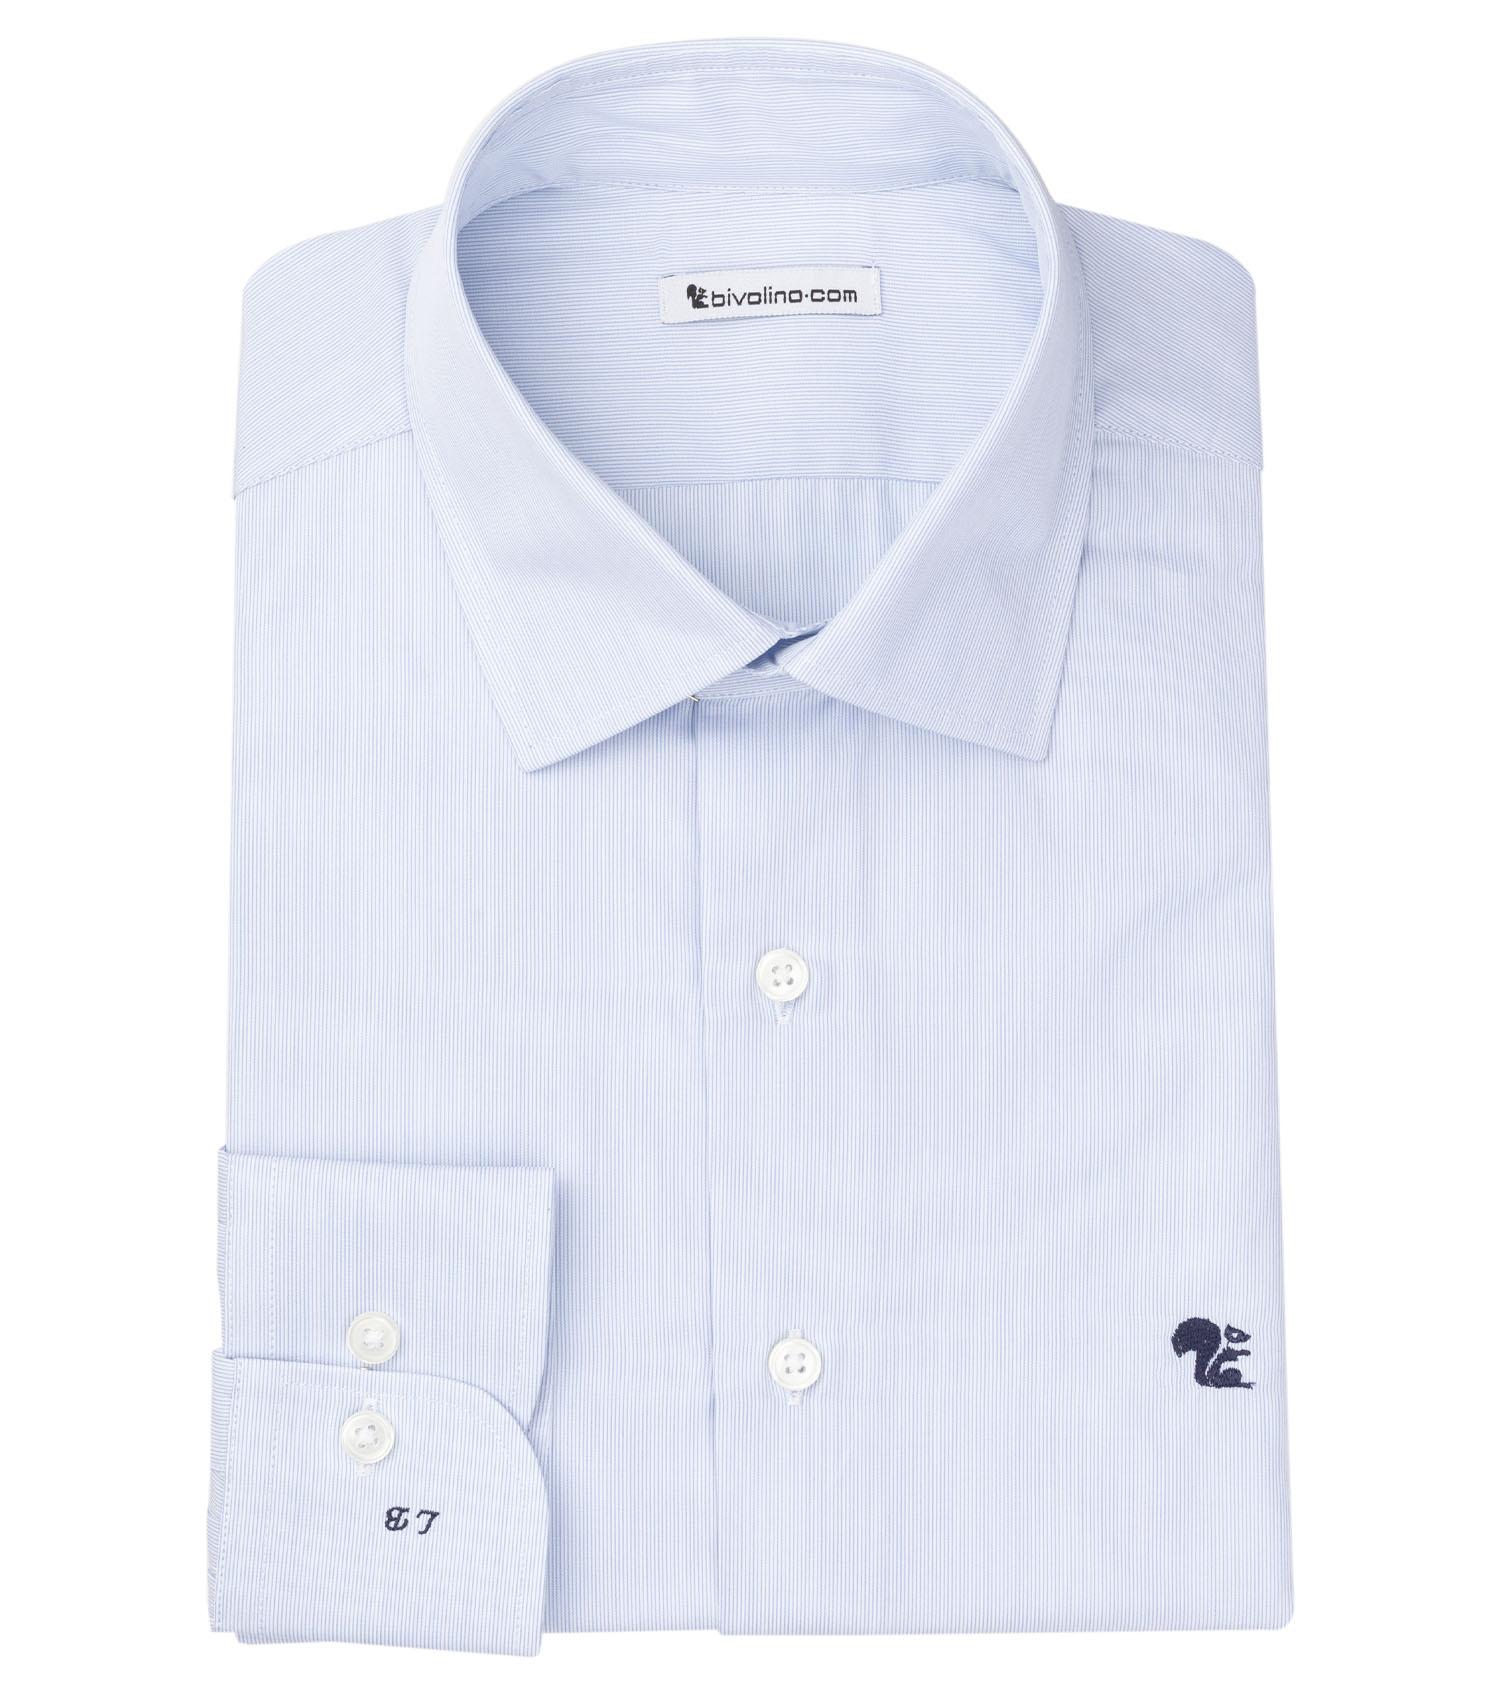 REGGICALABRIA - Männerhemd Baumwolle  Milleraie- DORCA 5